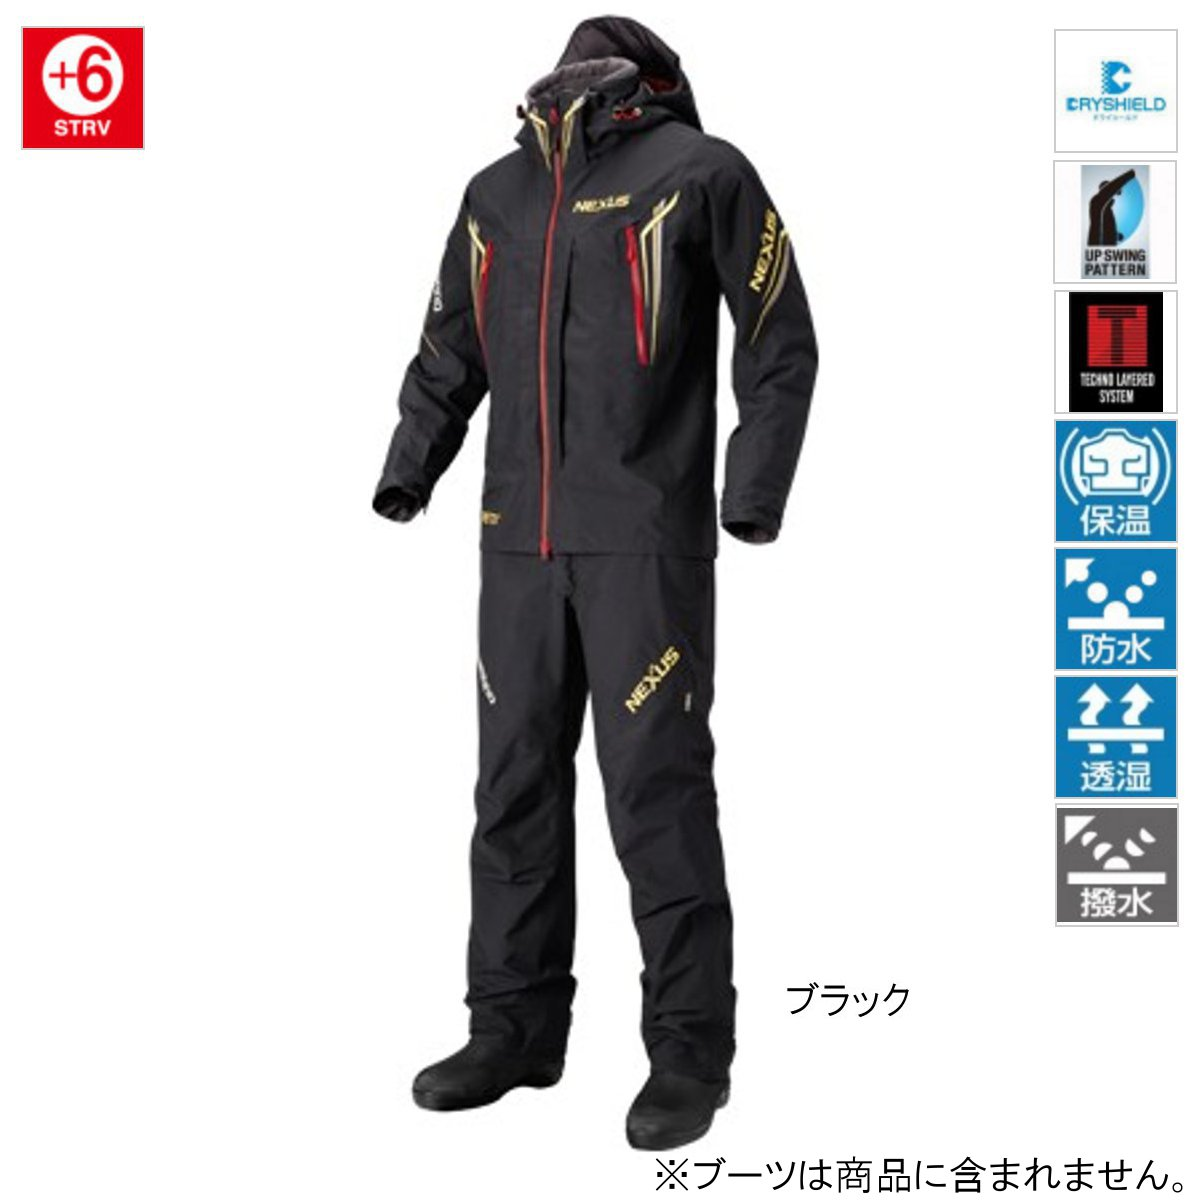 シマノ NEXUS GORE-TEX プロテクティブスーツ EX RT-119Q L ブラック